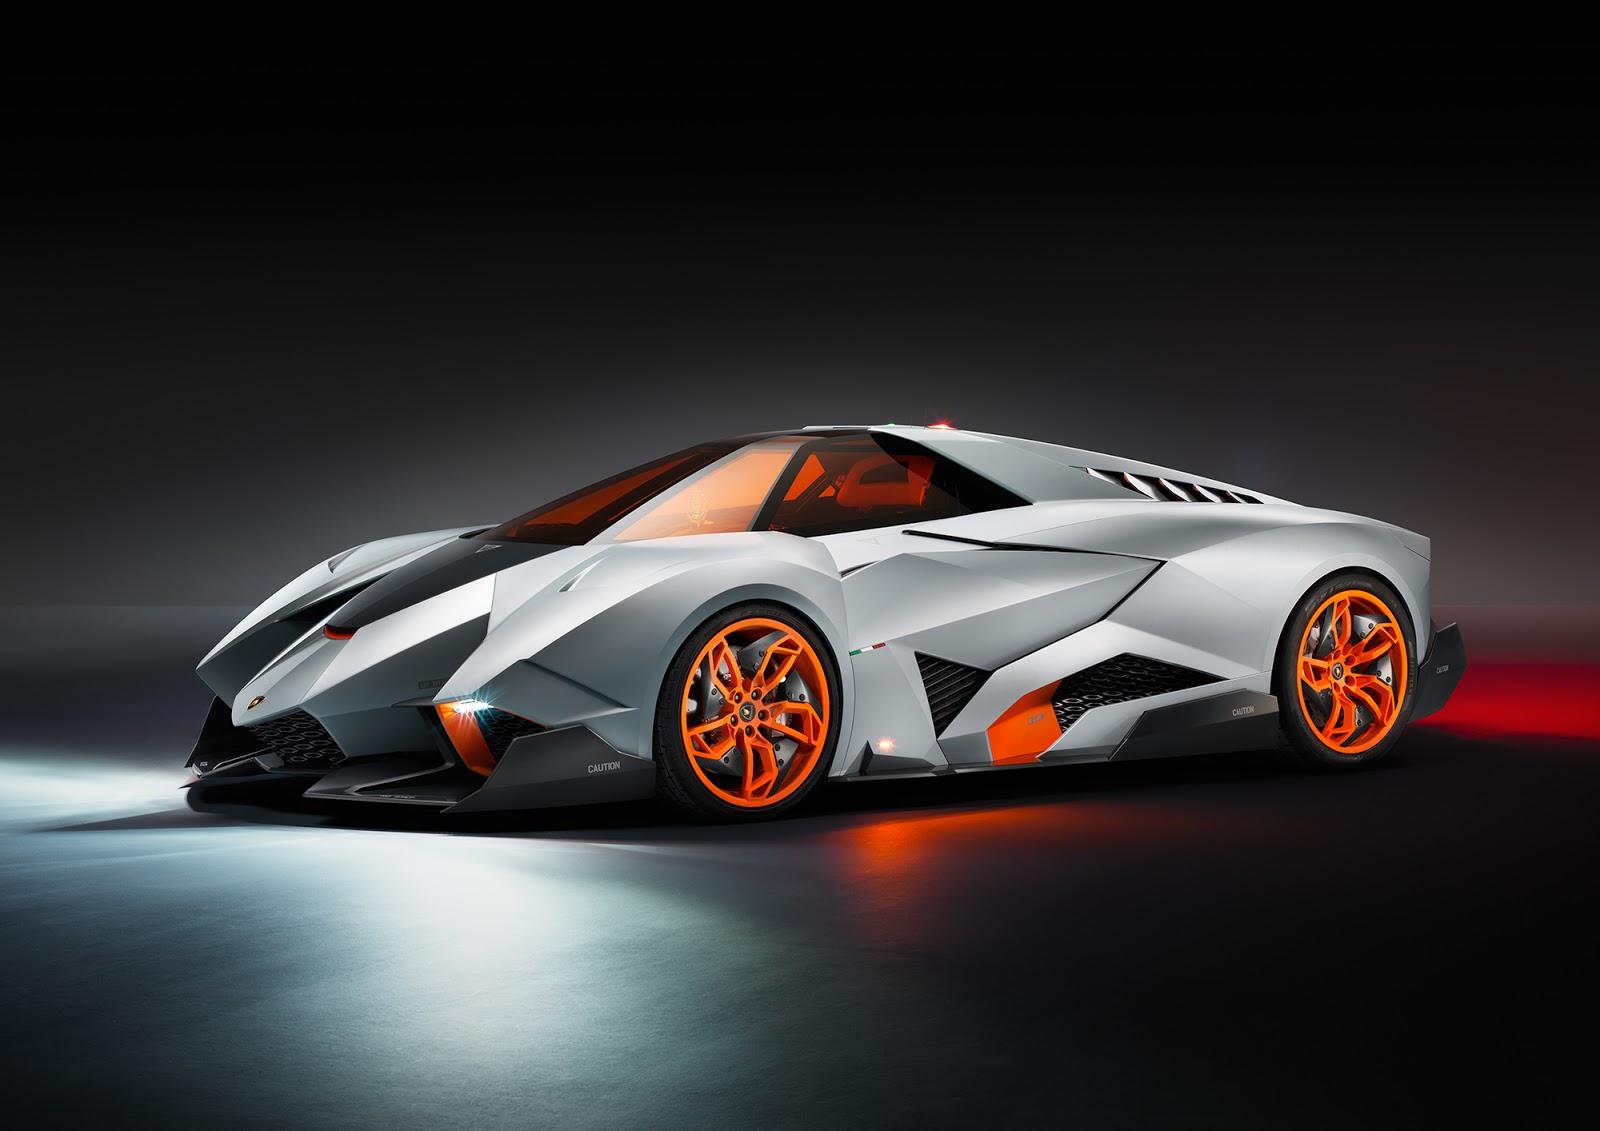 sports cars: lamborghini egoista hd wallpapers 1080p